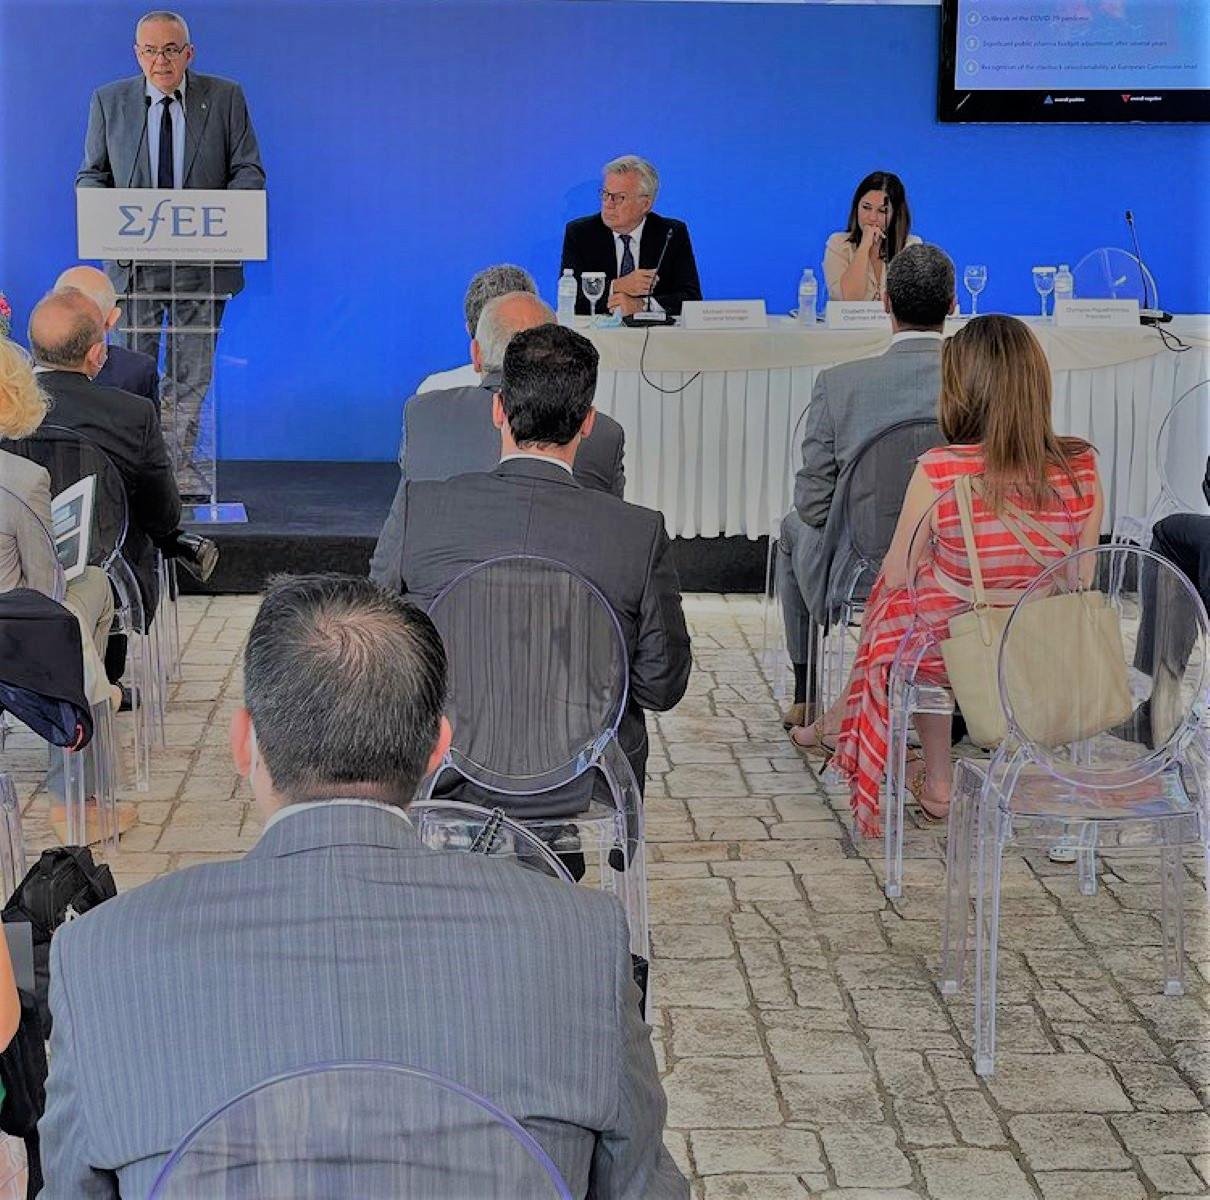 ΣΦΕΕ εκλογές 2021: Τα μέλη του νέου Διοικητικού Συμβουλίου